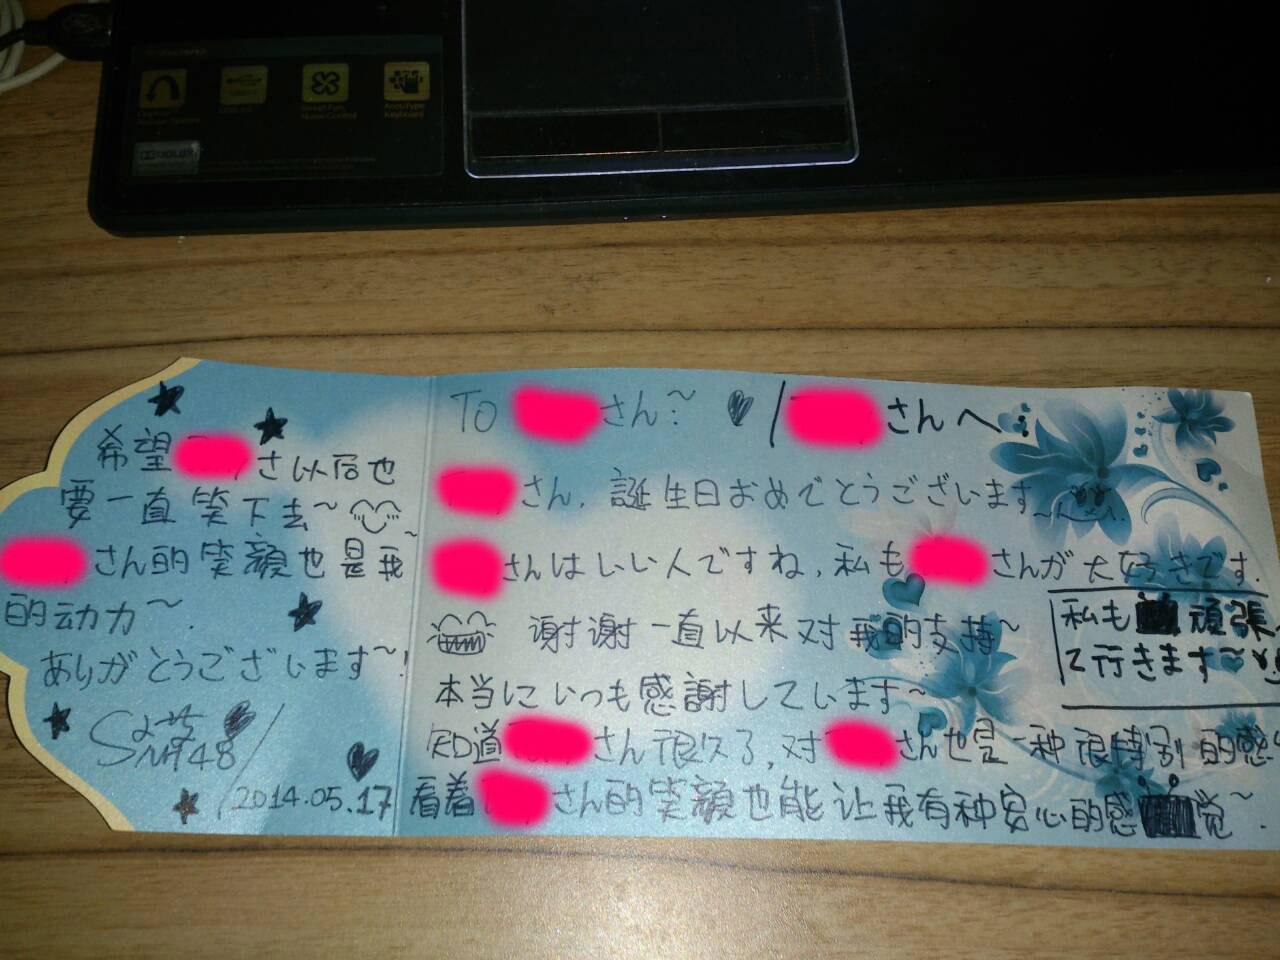 【SNH48】陳觀慧(シャオアイ)の心の優しさが伝わるファンへの手紙